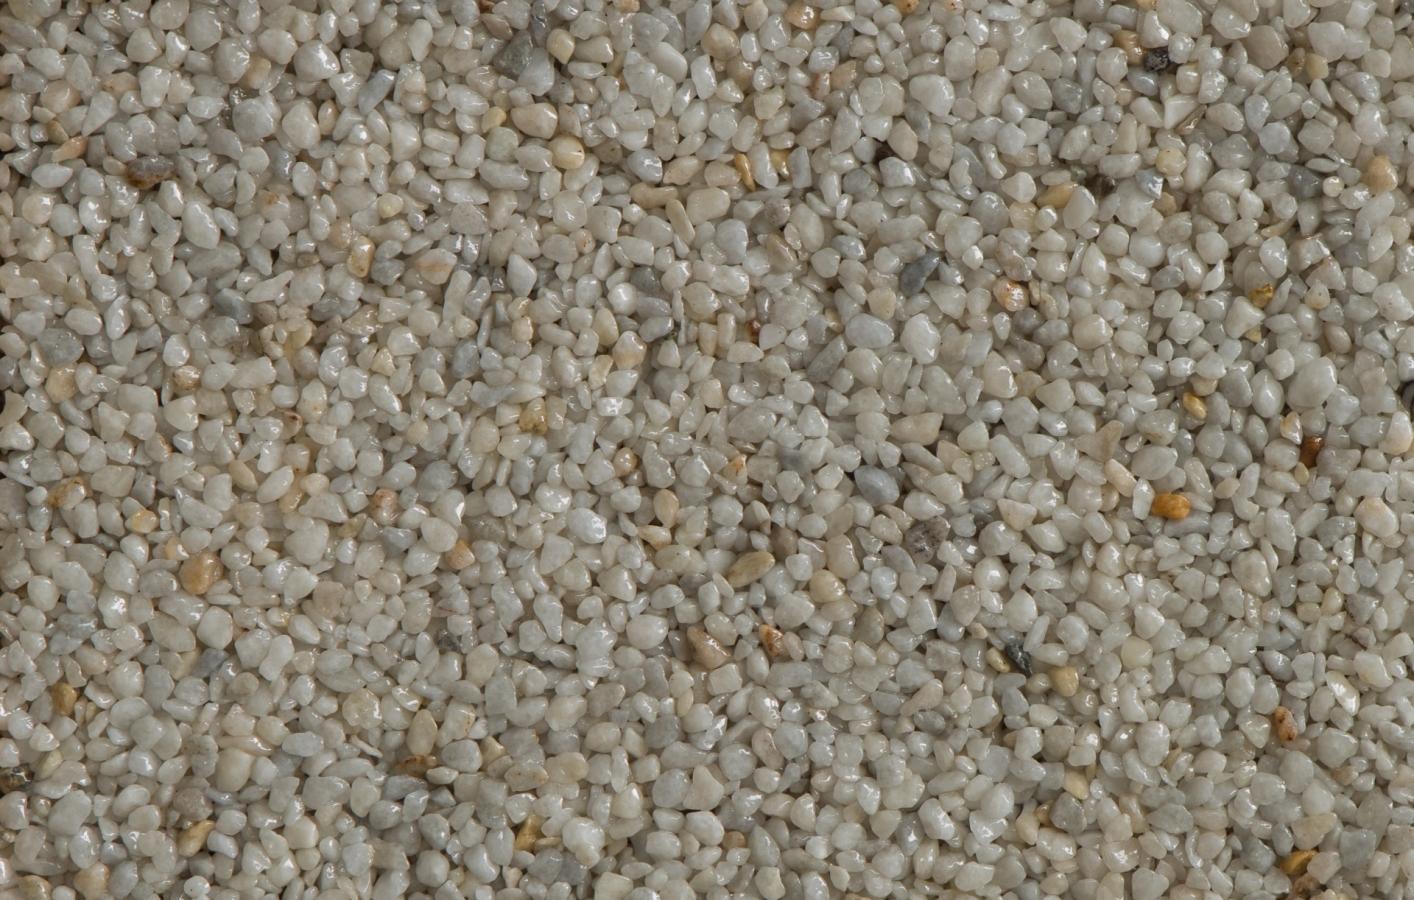 Nabídka firmy zahrnuje dodávky podlahových systémů na rekonstruované i nové objekty, nabízíme epoxidové, polyuretanové, ale i protichemické vynilesterové materiály na podlahové stěrky